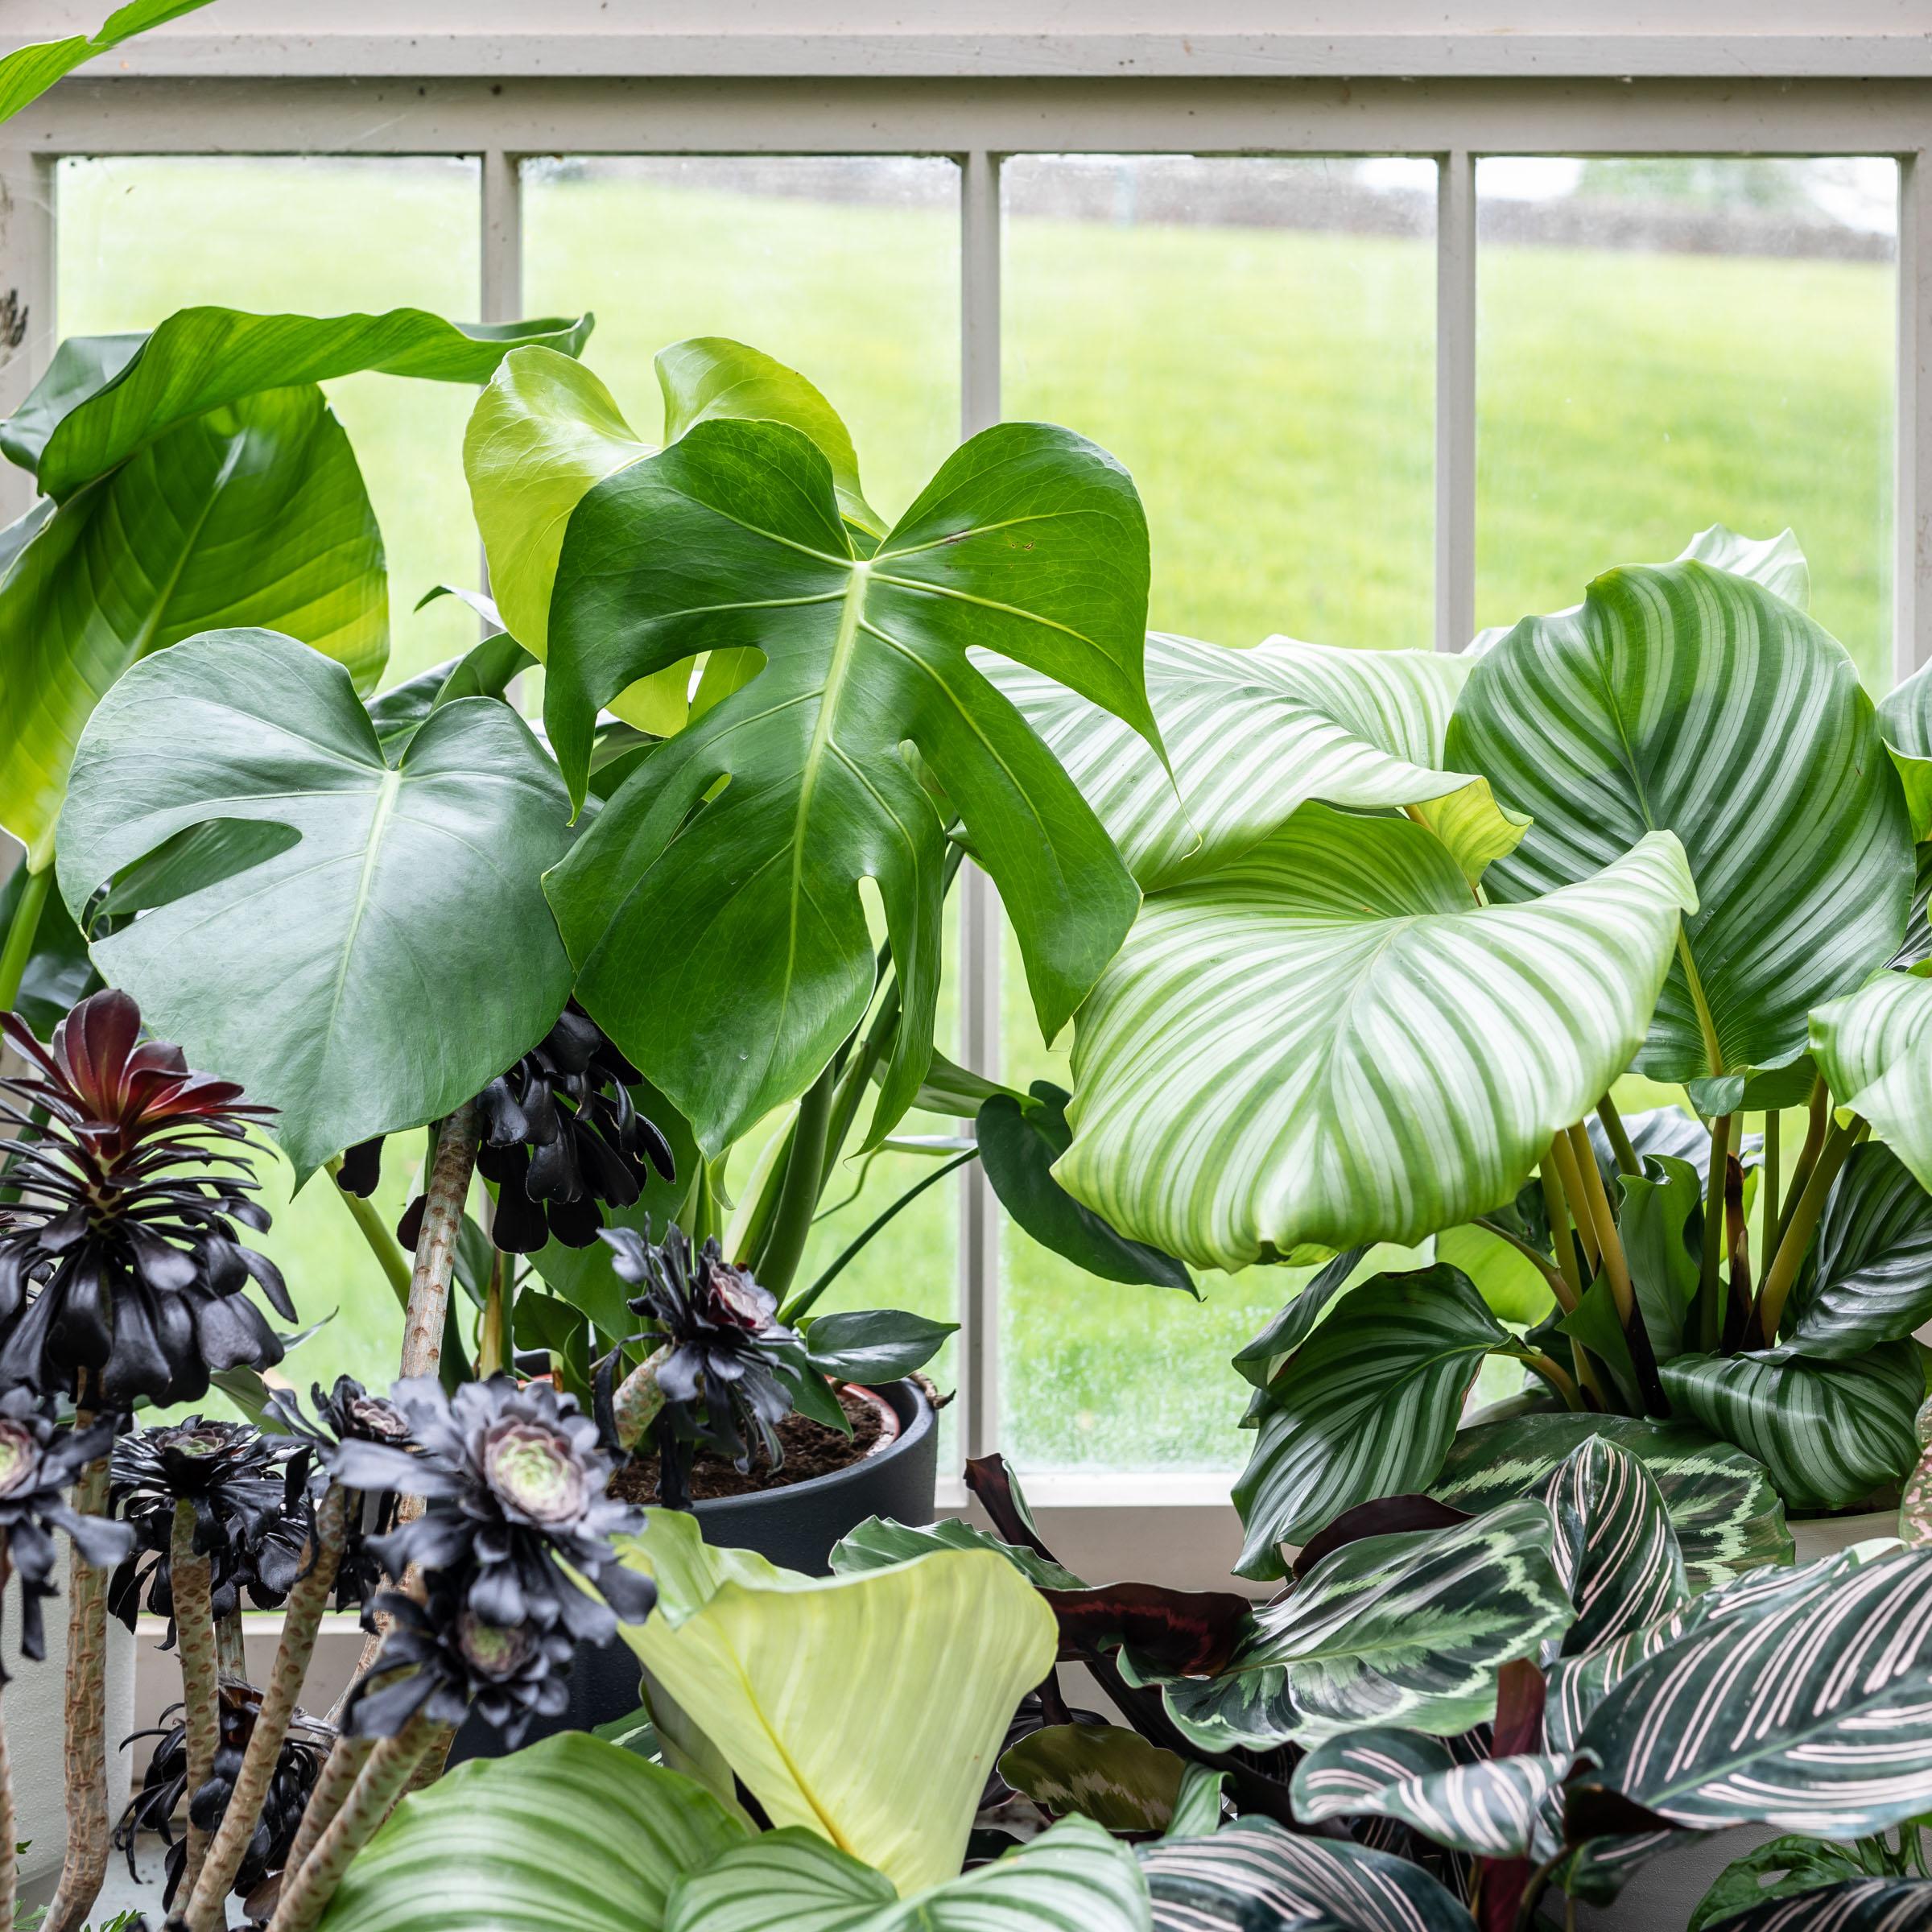 Plant care tips by Leaf Envy  Fertiliser indoor plants